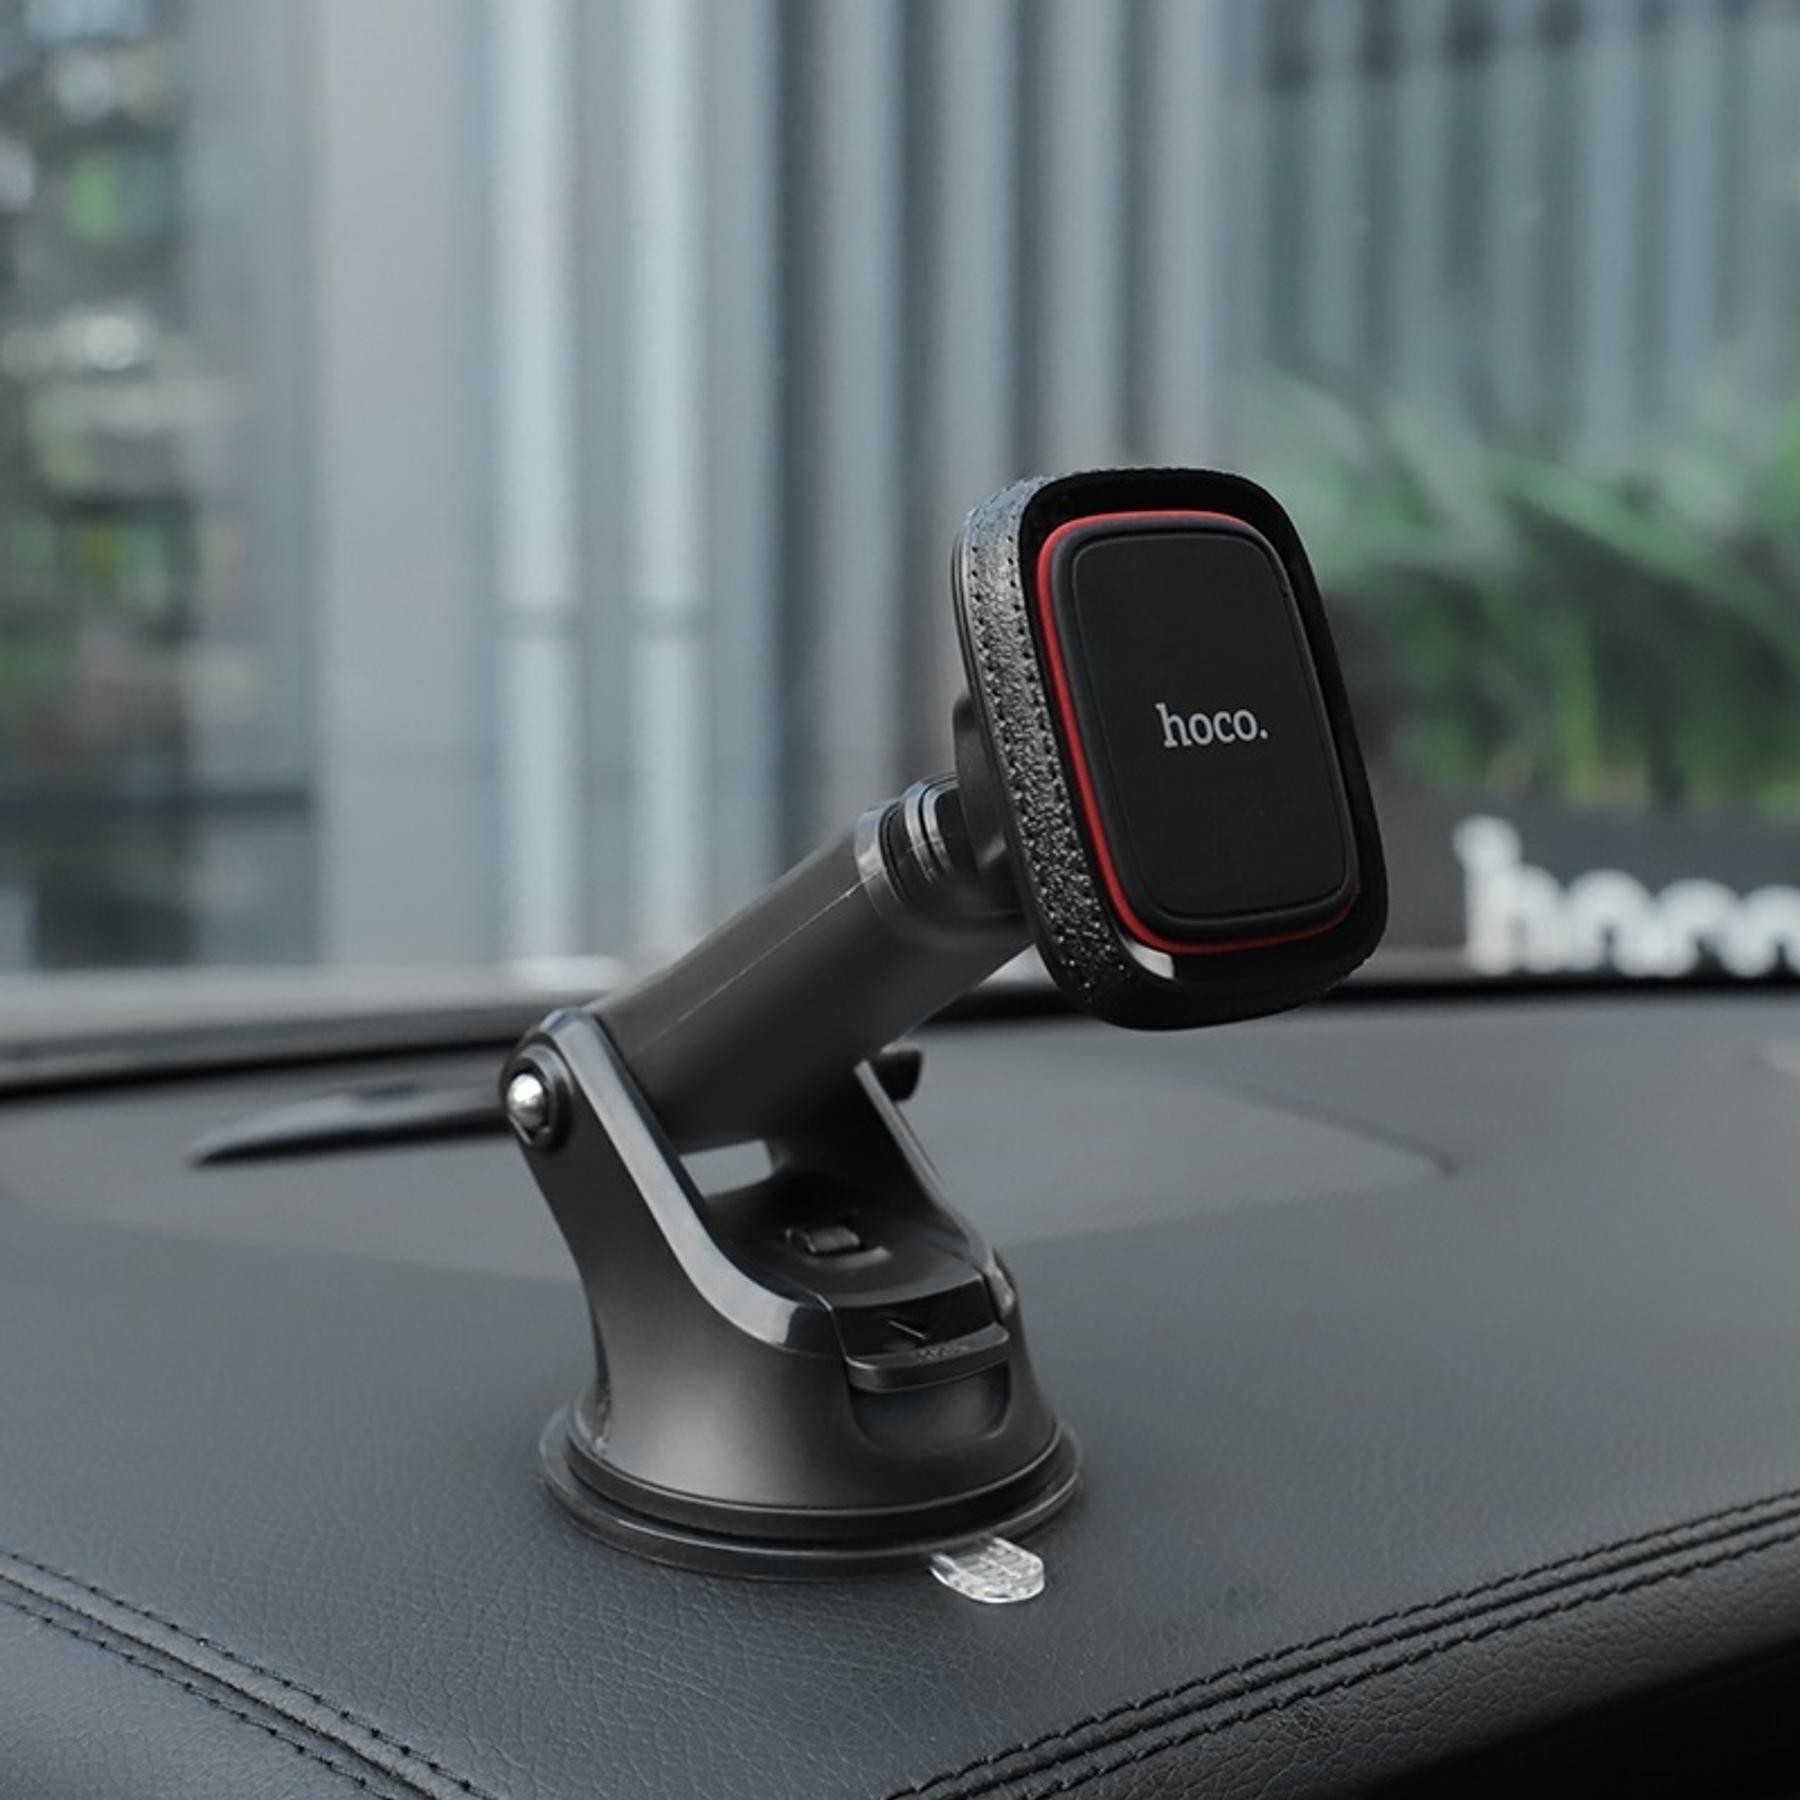 Soporte Magnético de Celular para Automóvil con Ventosa - Hoco